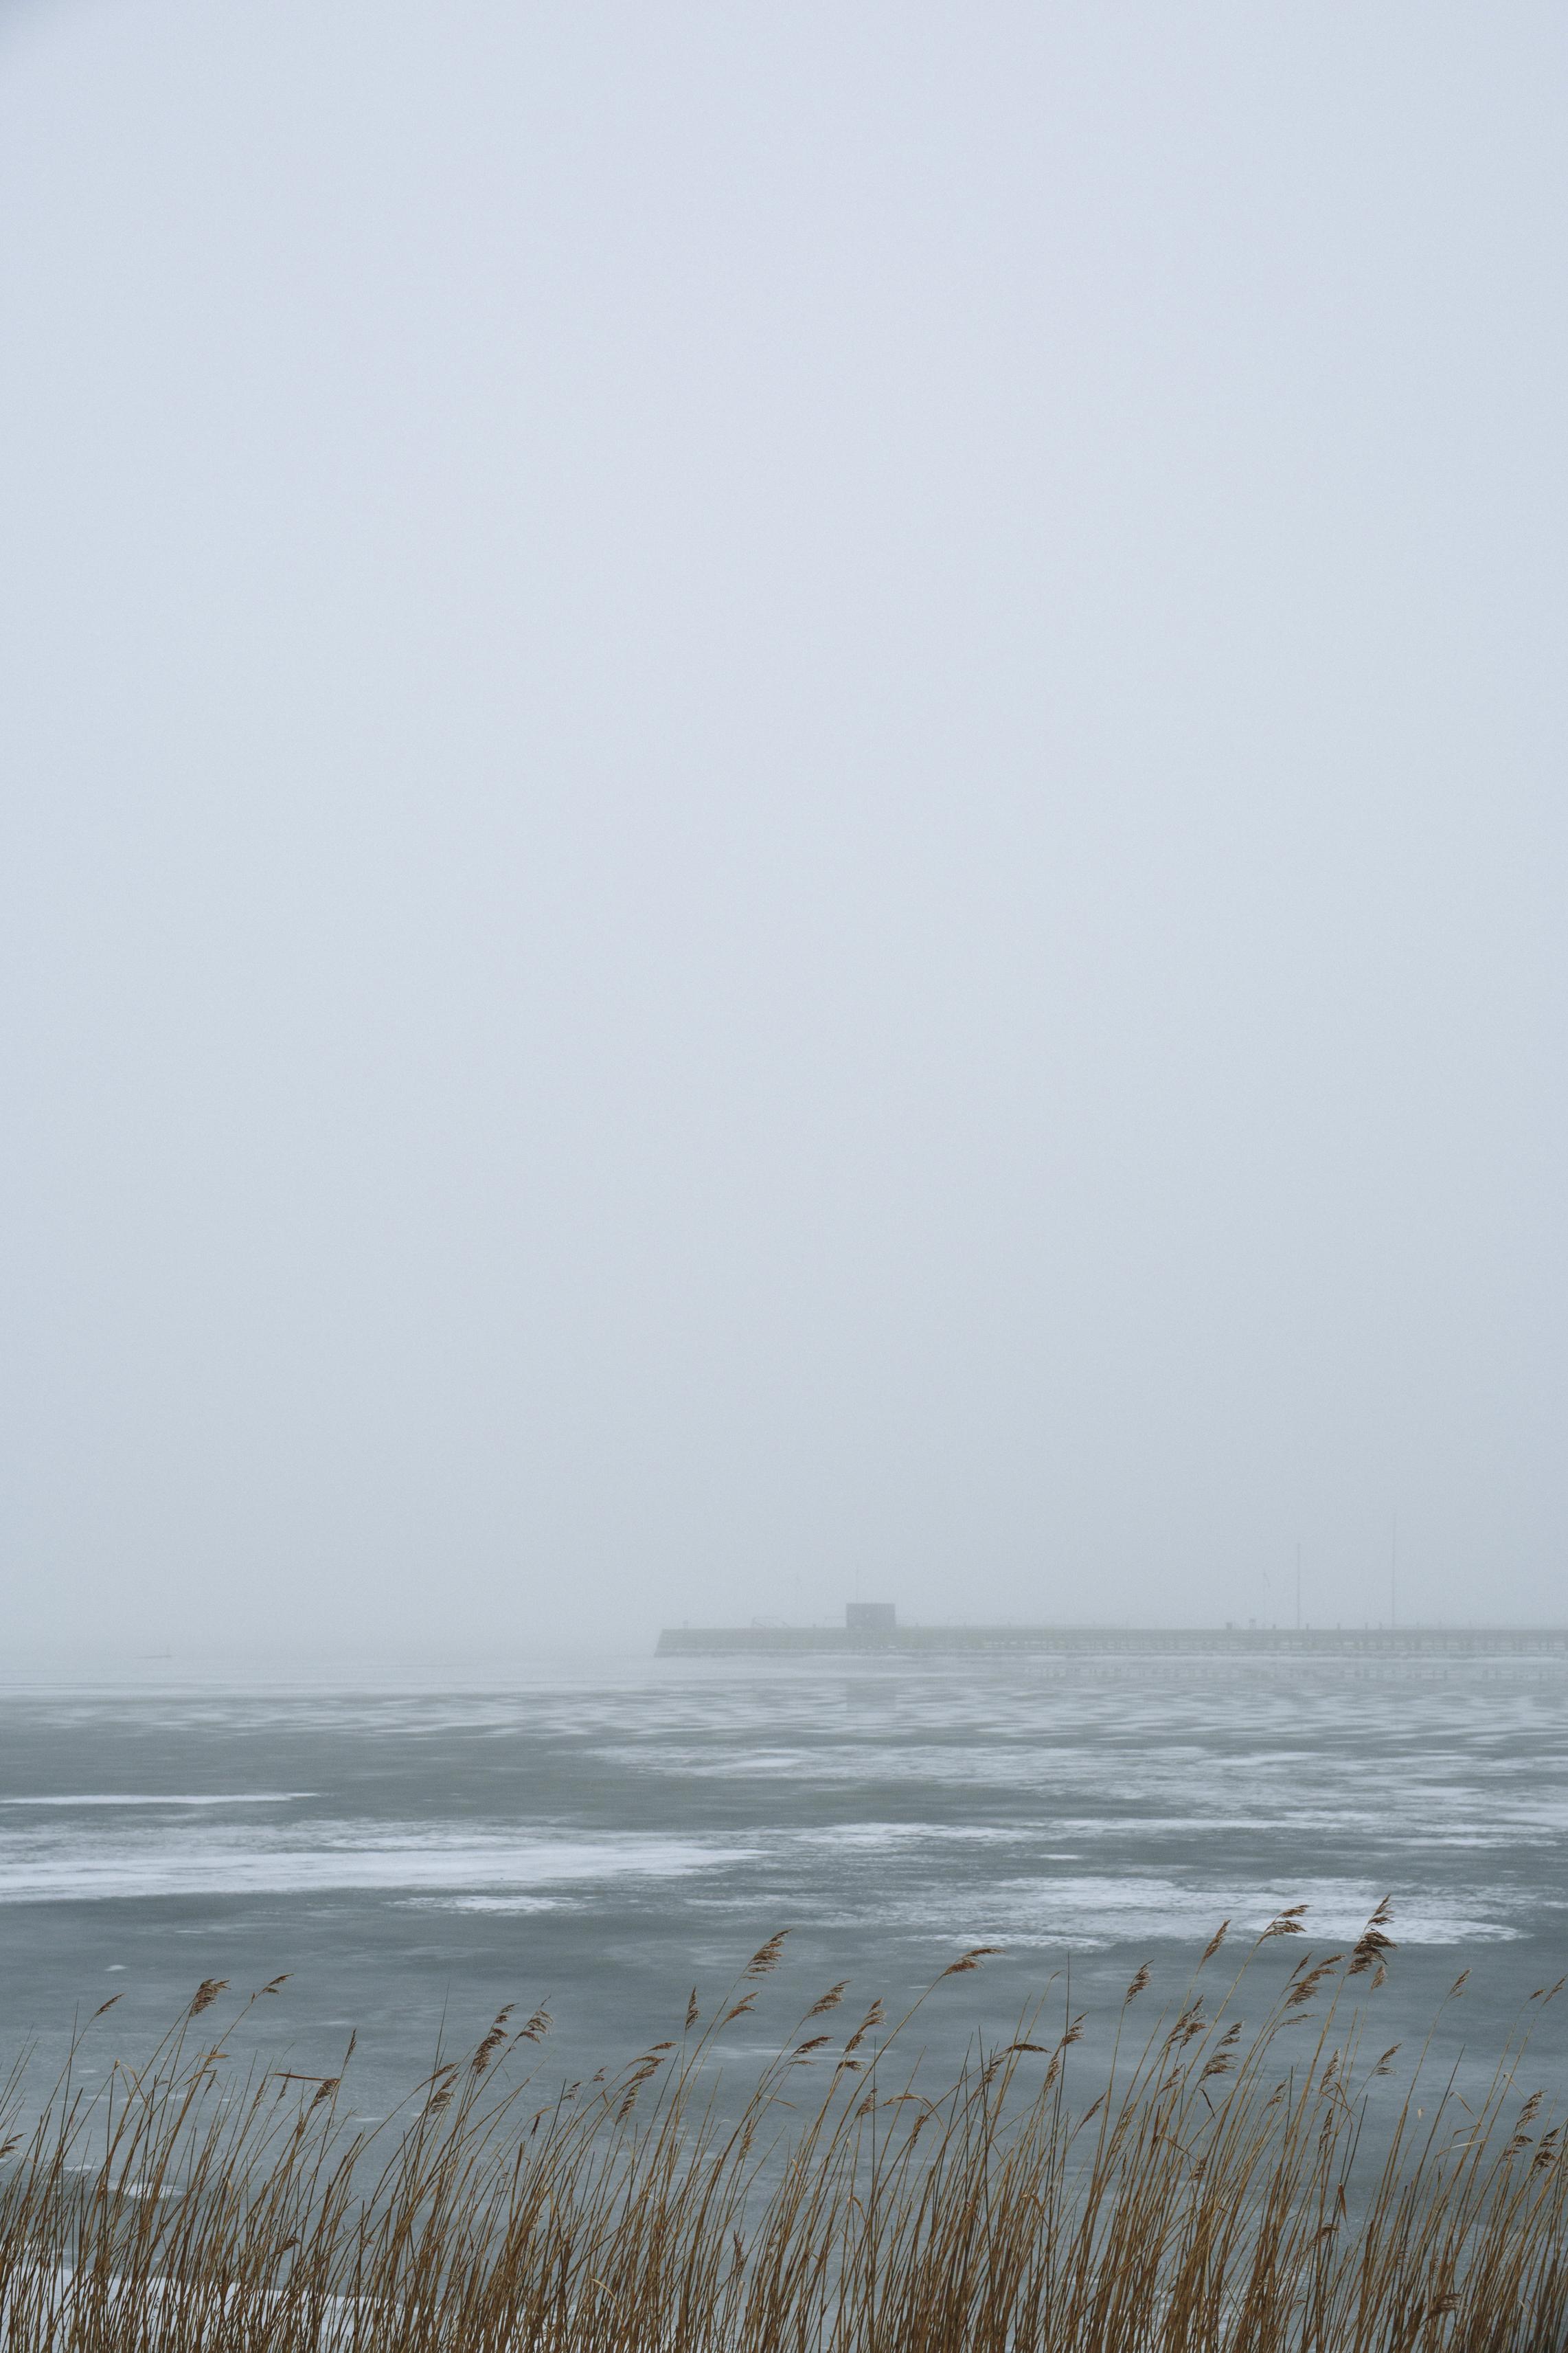 tåge_vejle_marts_fotograf Tine Hvolby_49